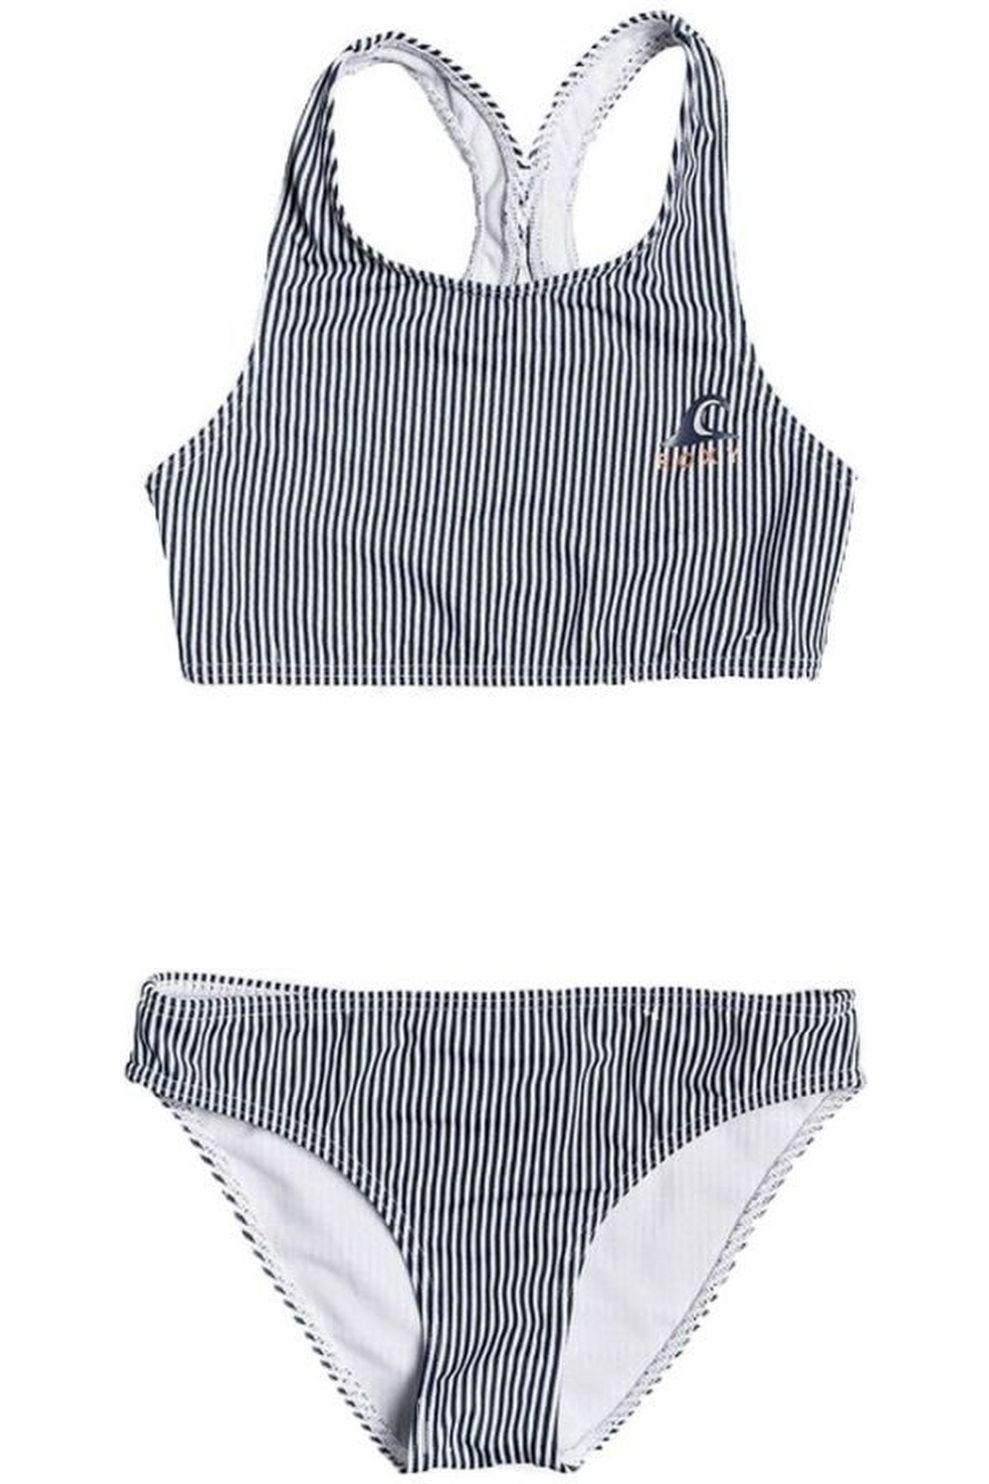 Roxy Bikini Early Roxy Crop voor meisjes - Wit/Blauw - Maat: 164